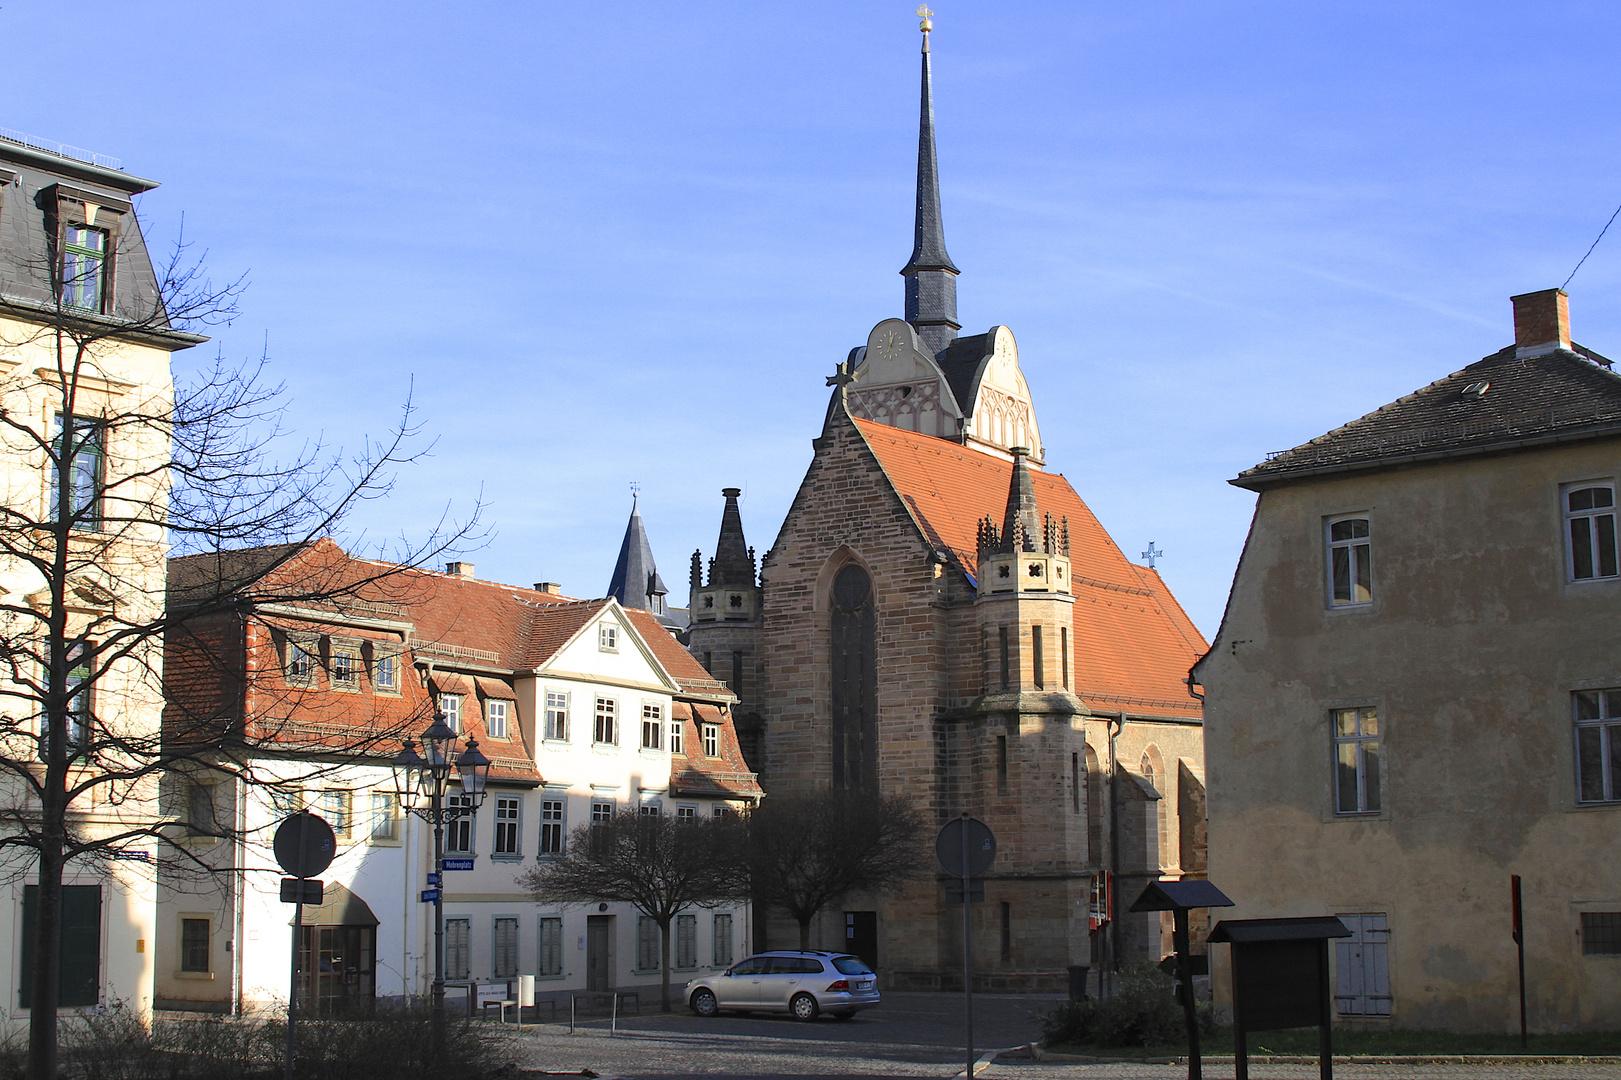 Kirche St. Marien Gera-Unterhaus